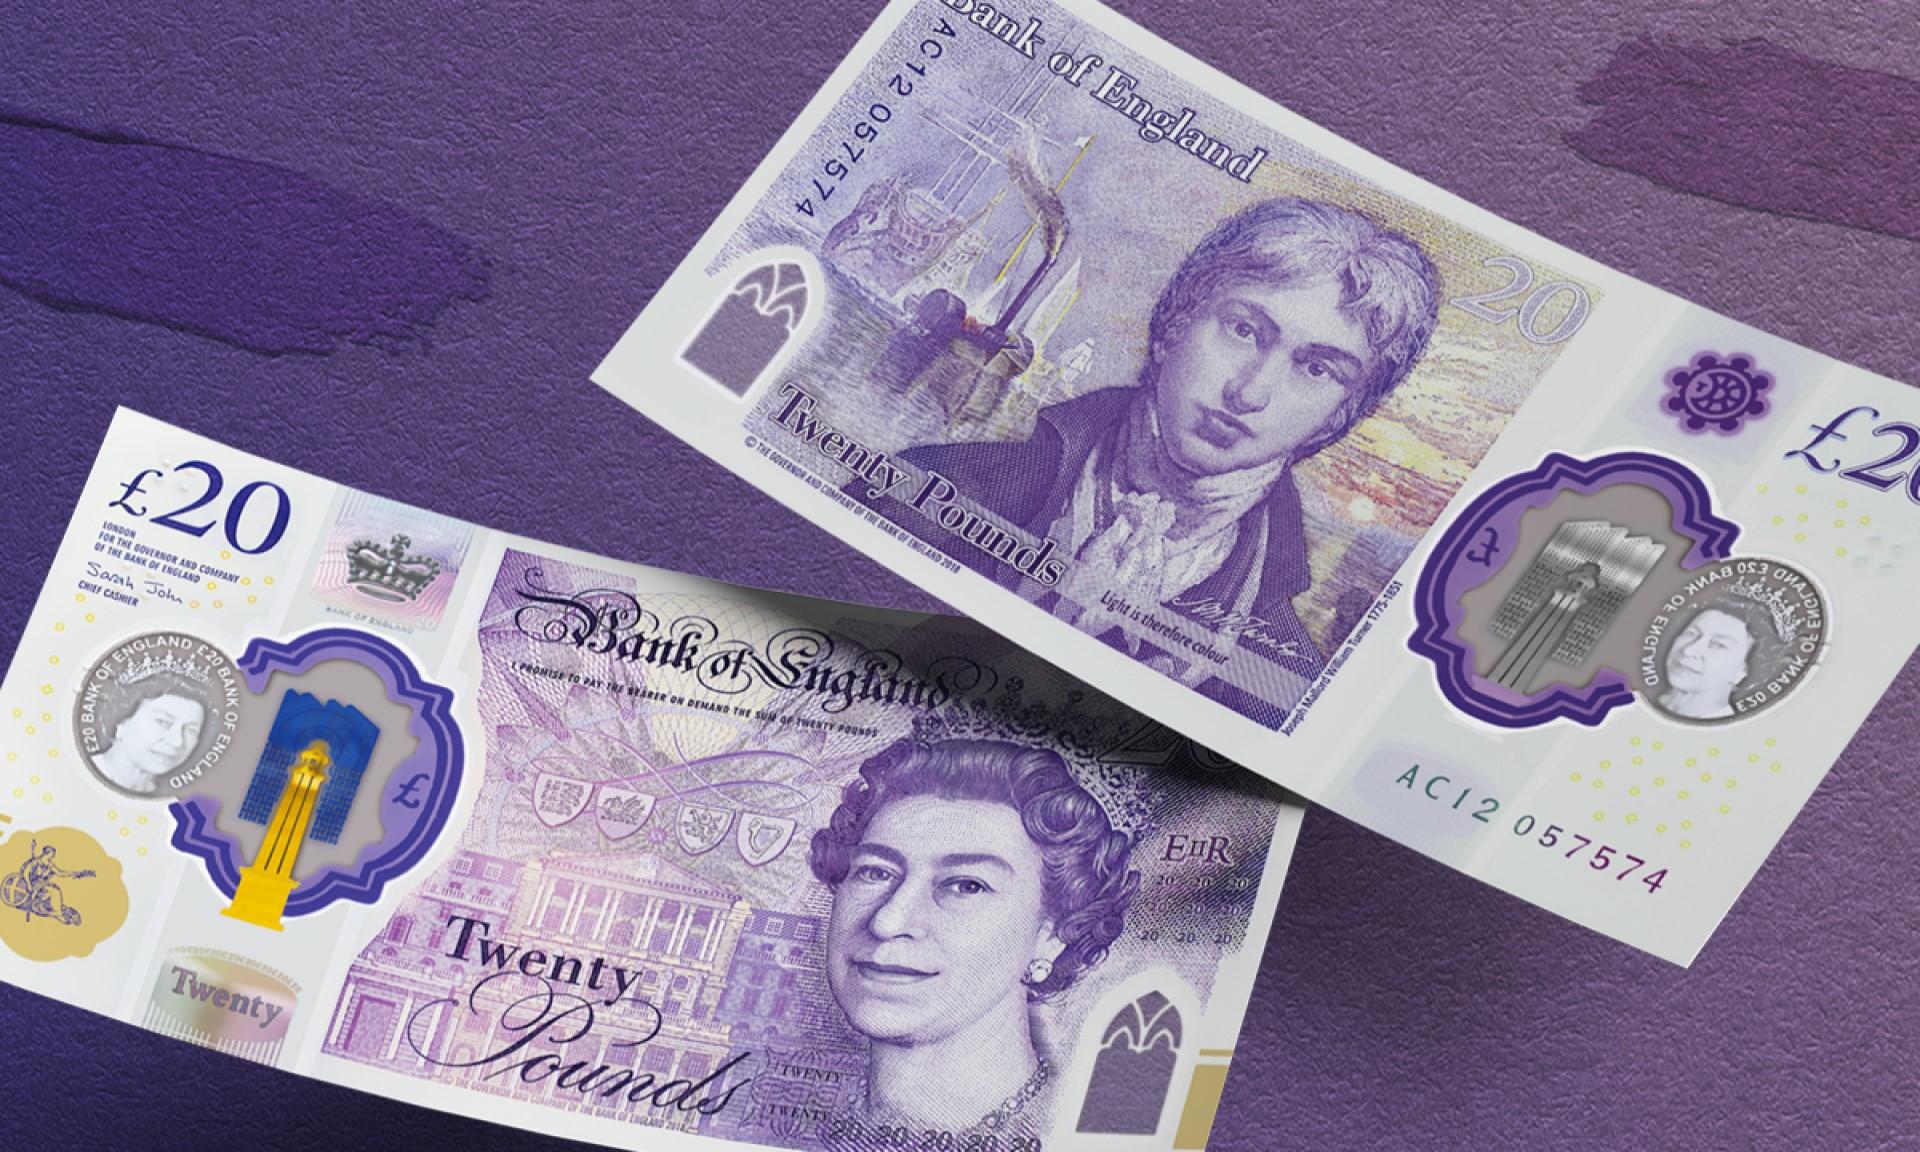 £20 CONSULTATION Deposit